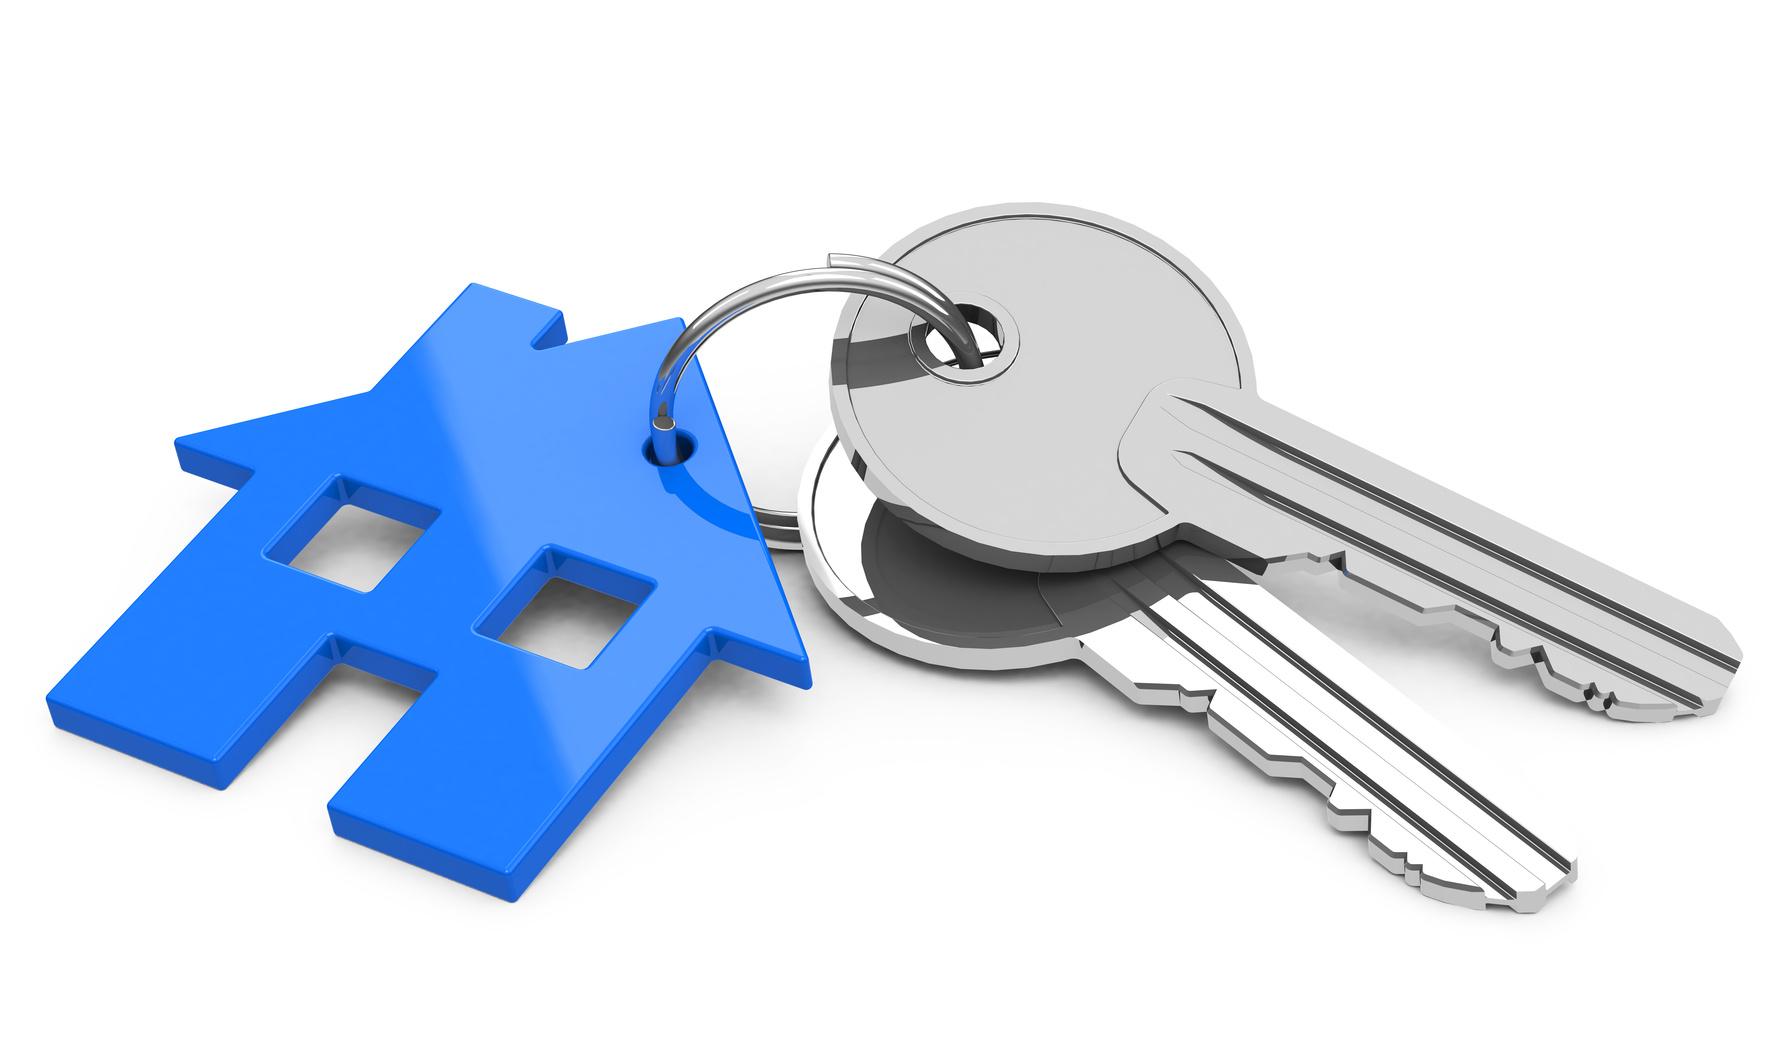 10 consigli per comprare casa senza rischi for Comprare terreni e costruire una casa